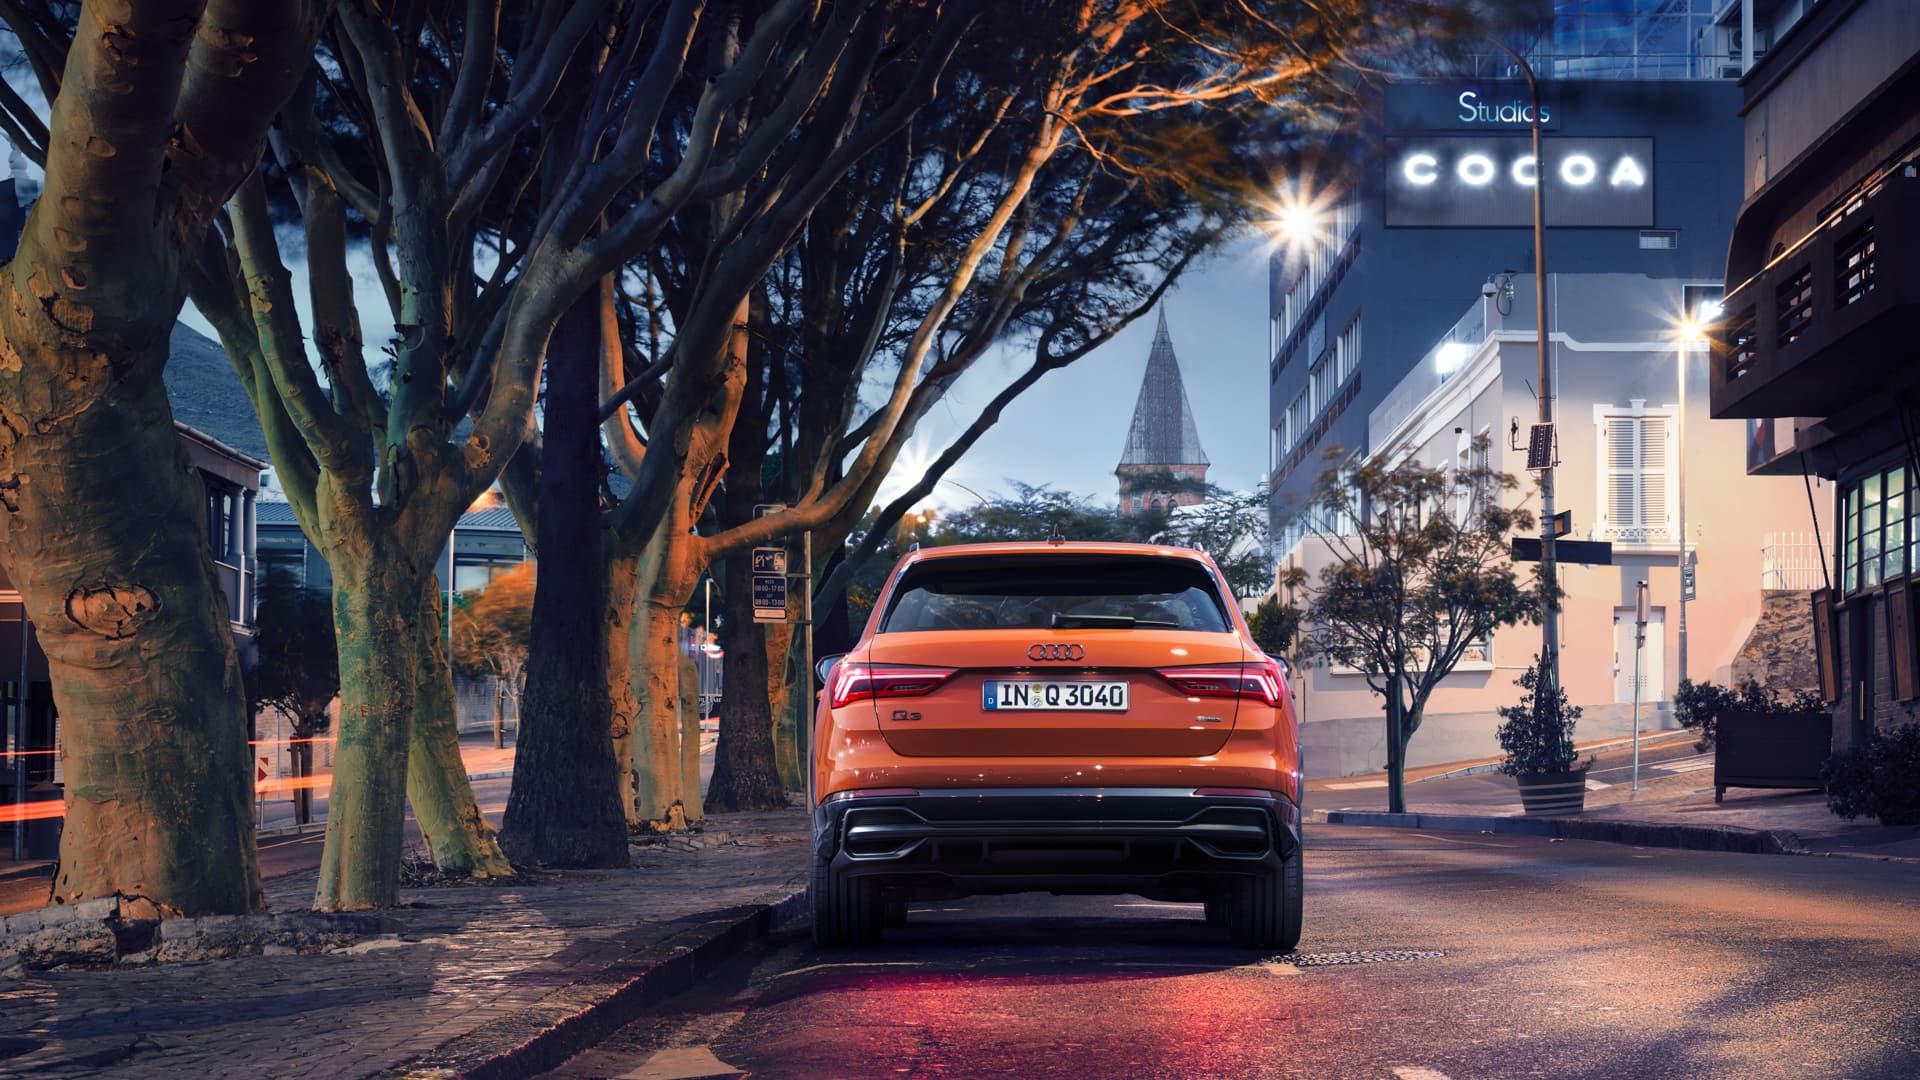 L'edizione speciale di Audi Q3